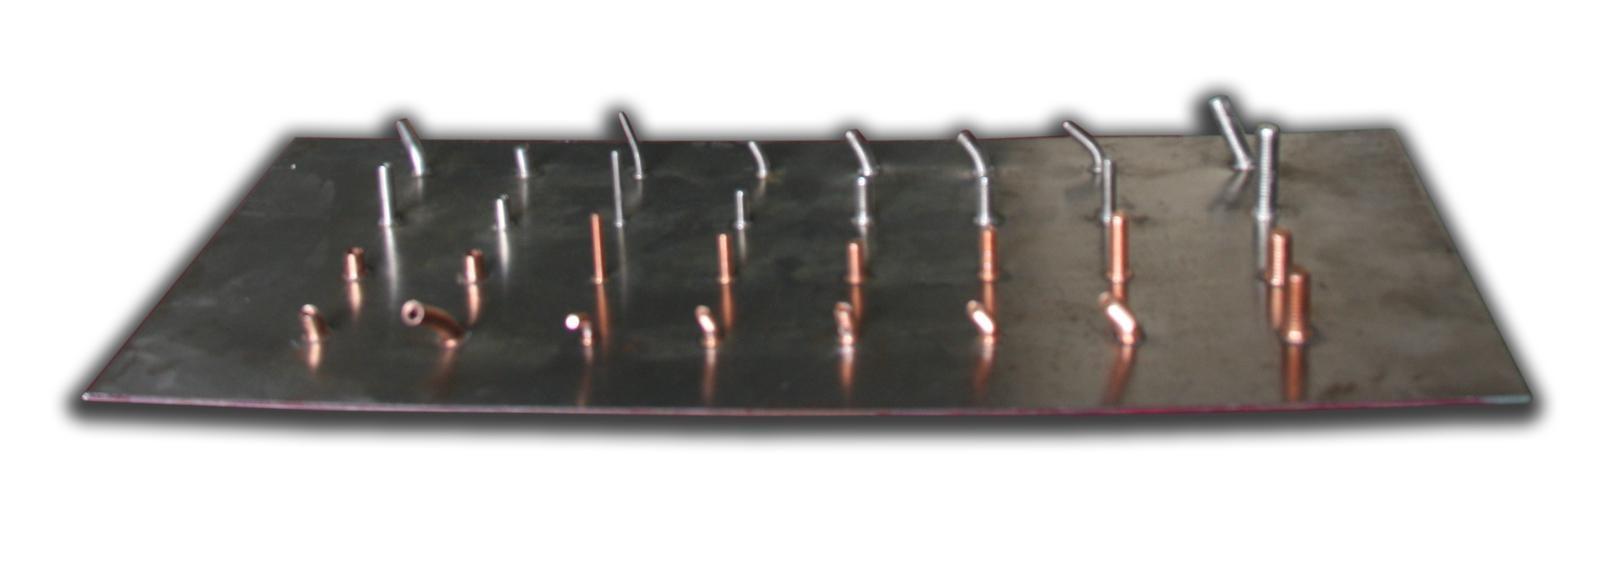 供應鴻栢金螯SAW-3000A型高頻逆變半自動螺柱焊機 5